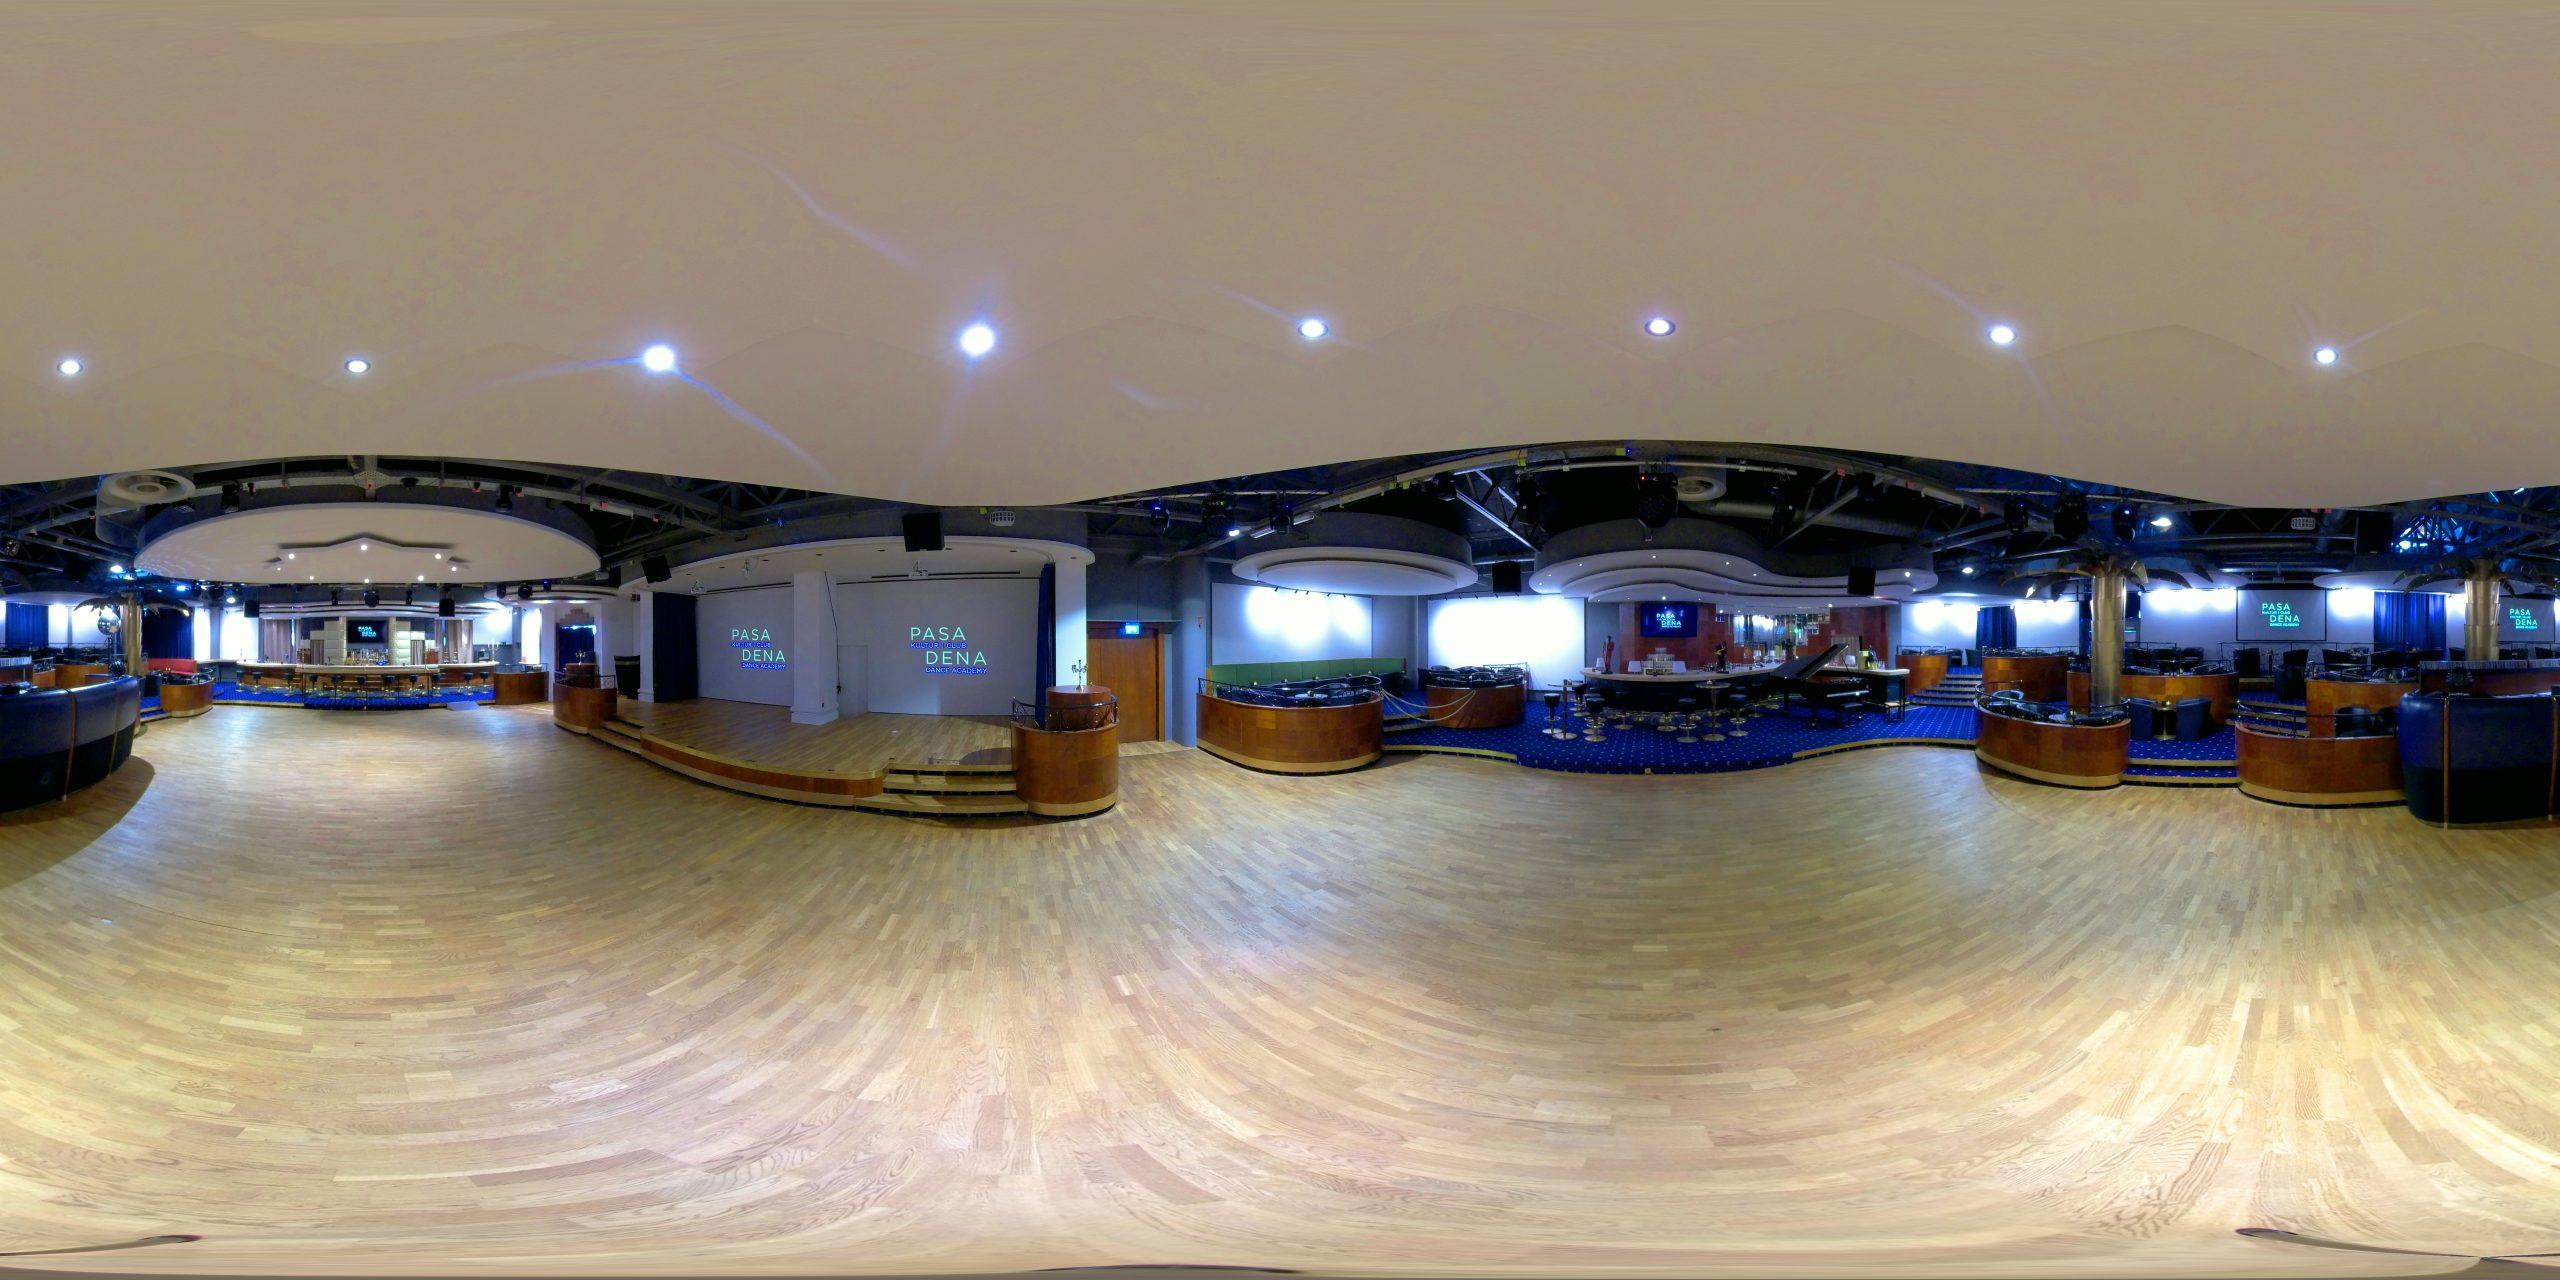 Pasadena Grande Salle